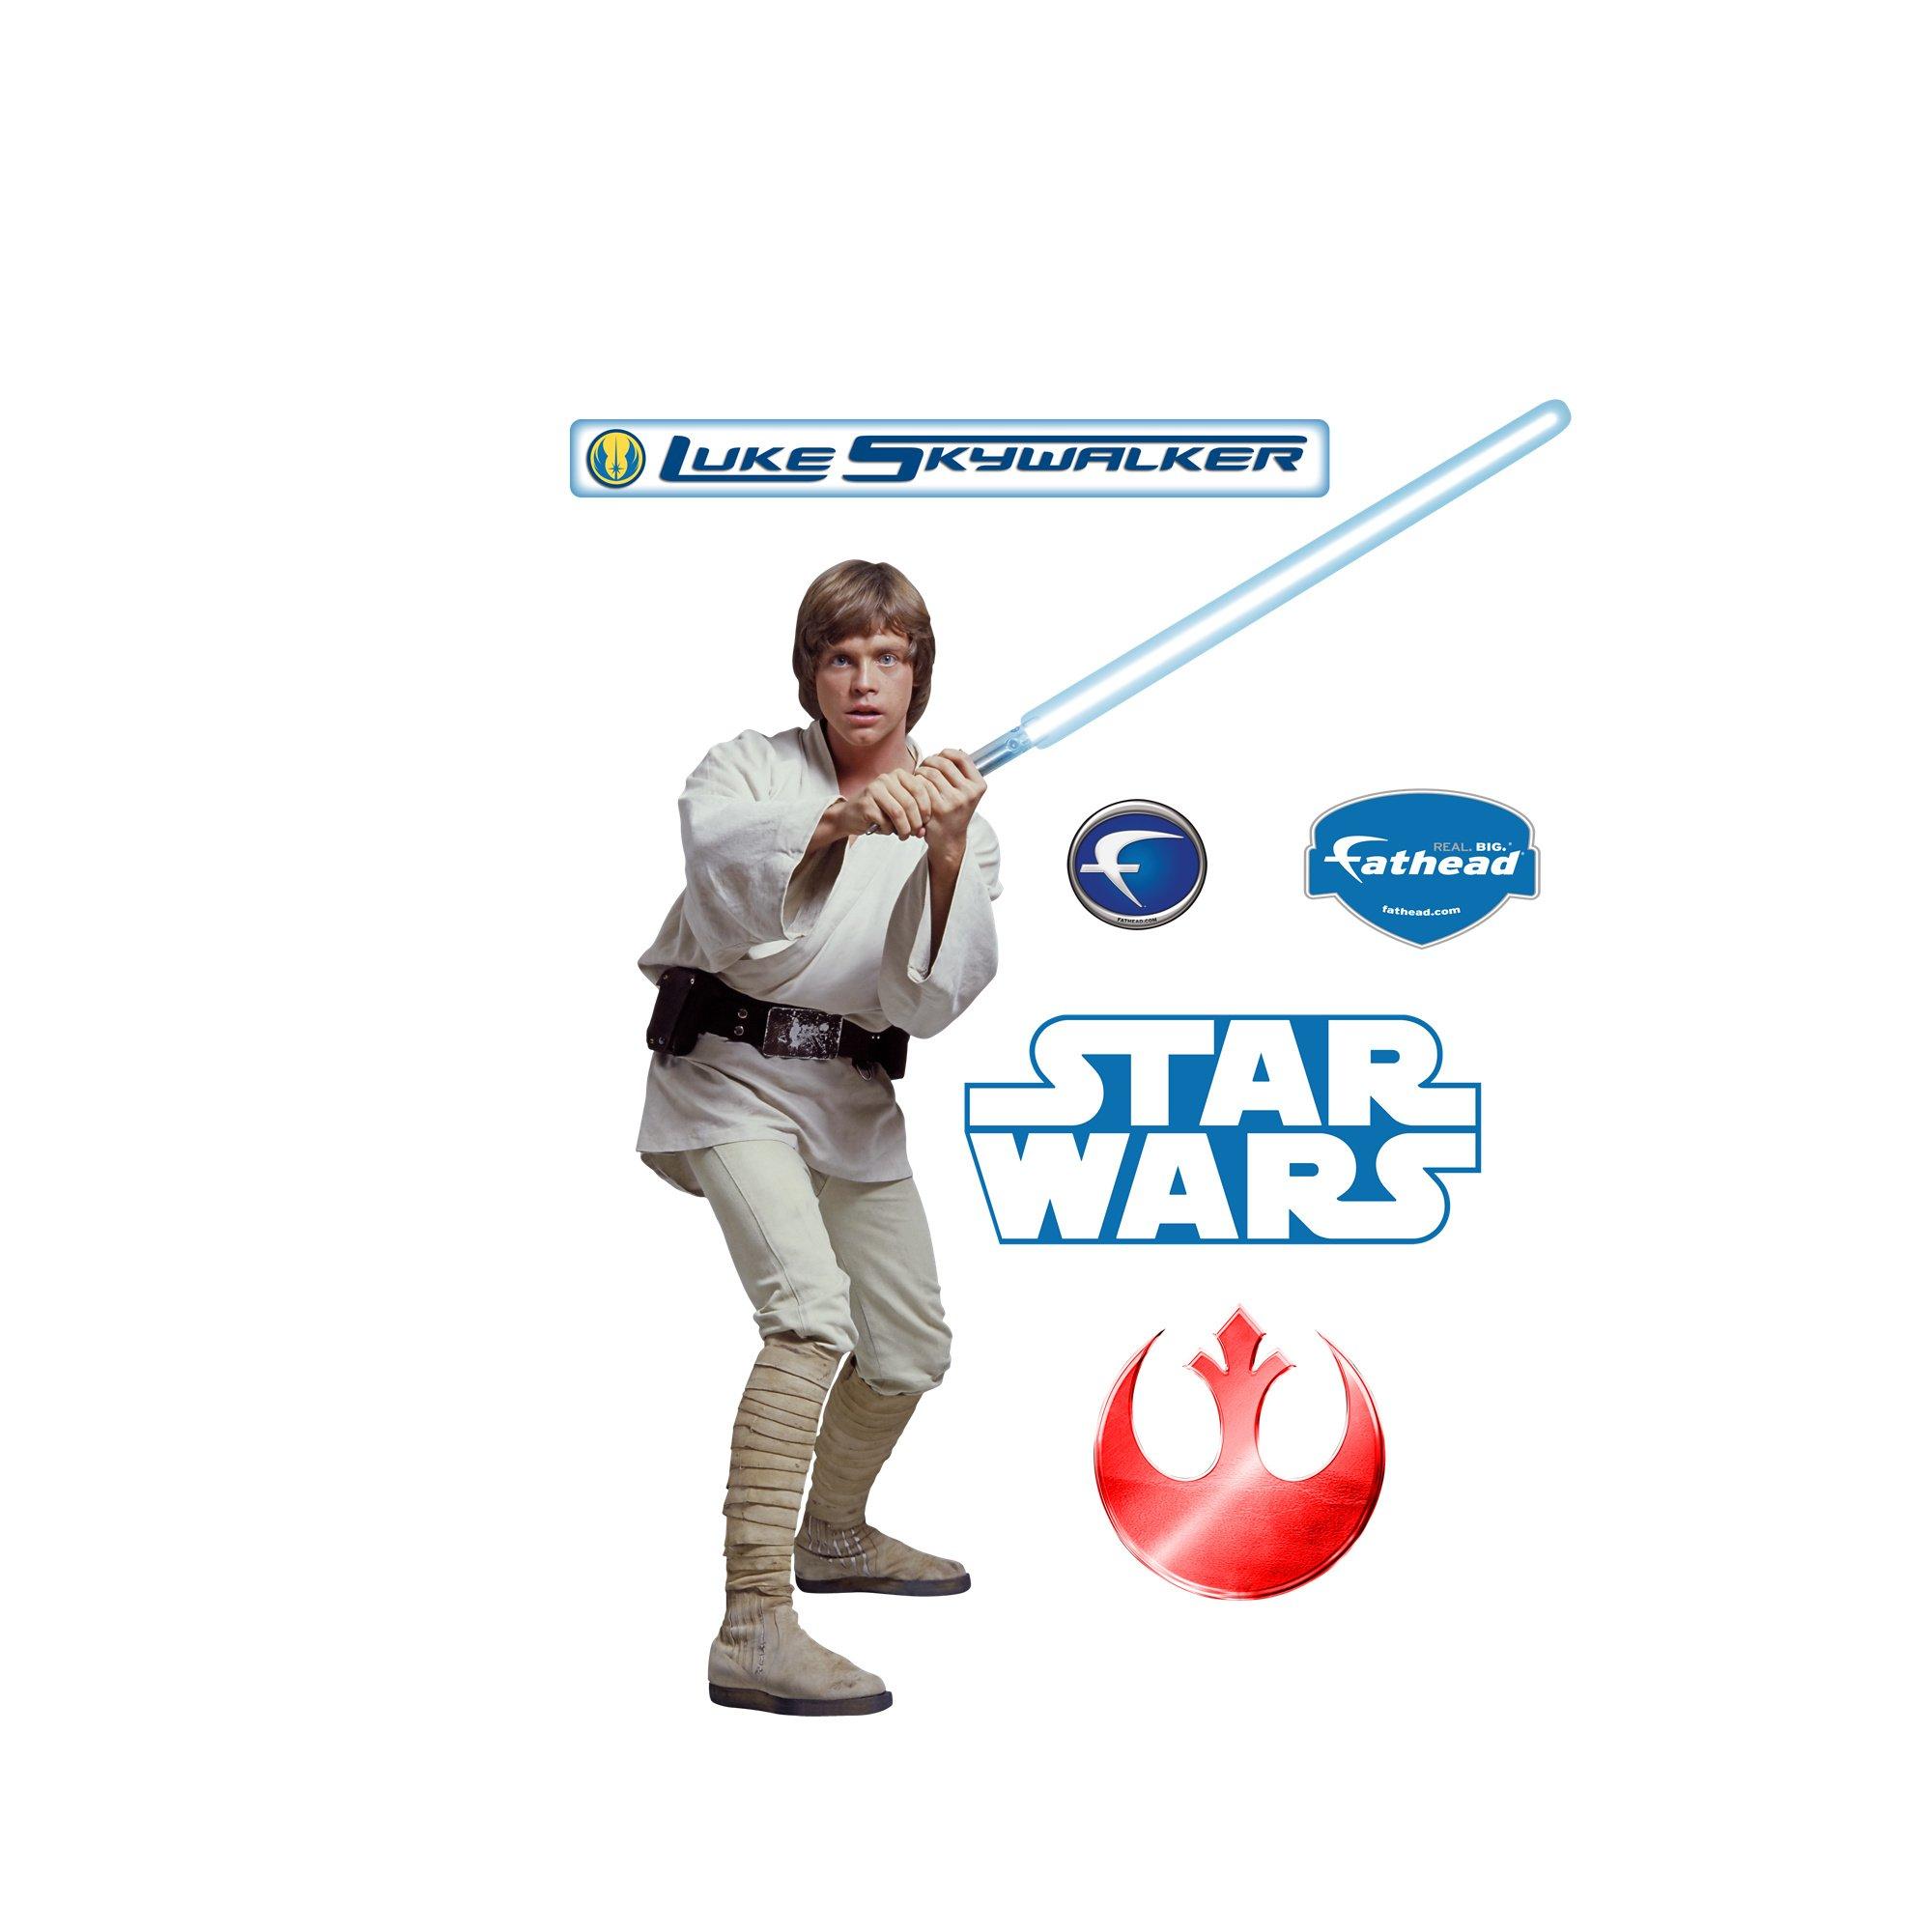 Star Wars Luke Skywalker Wall Graphic